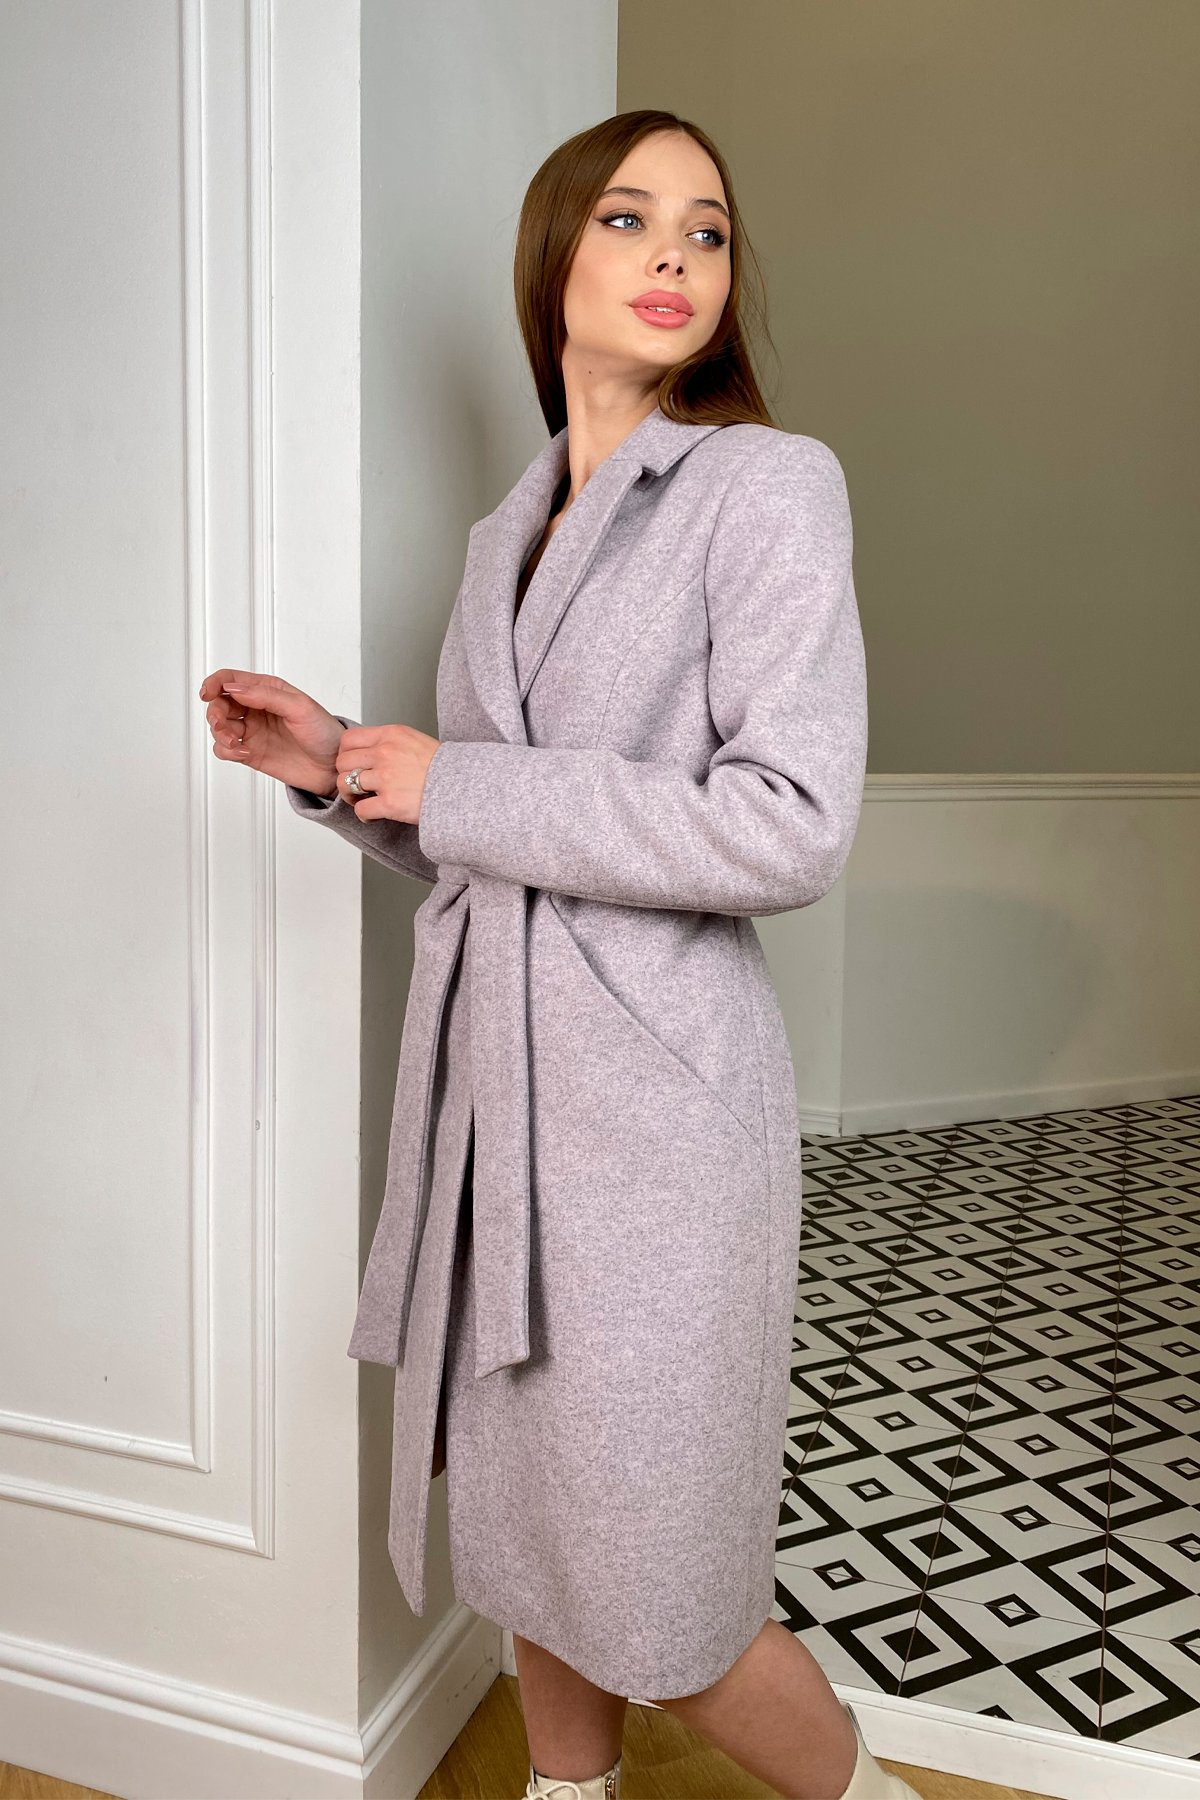 Пальто зима Мехико 8273 АРТ. 44381 Цвет: Серо-розовый 46 - фото 3, интернет магазин tm-modus.ru